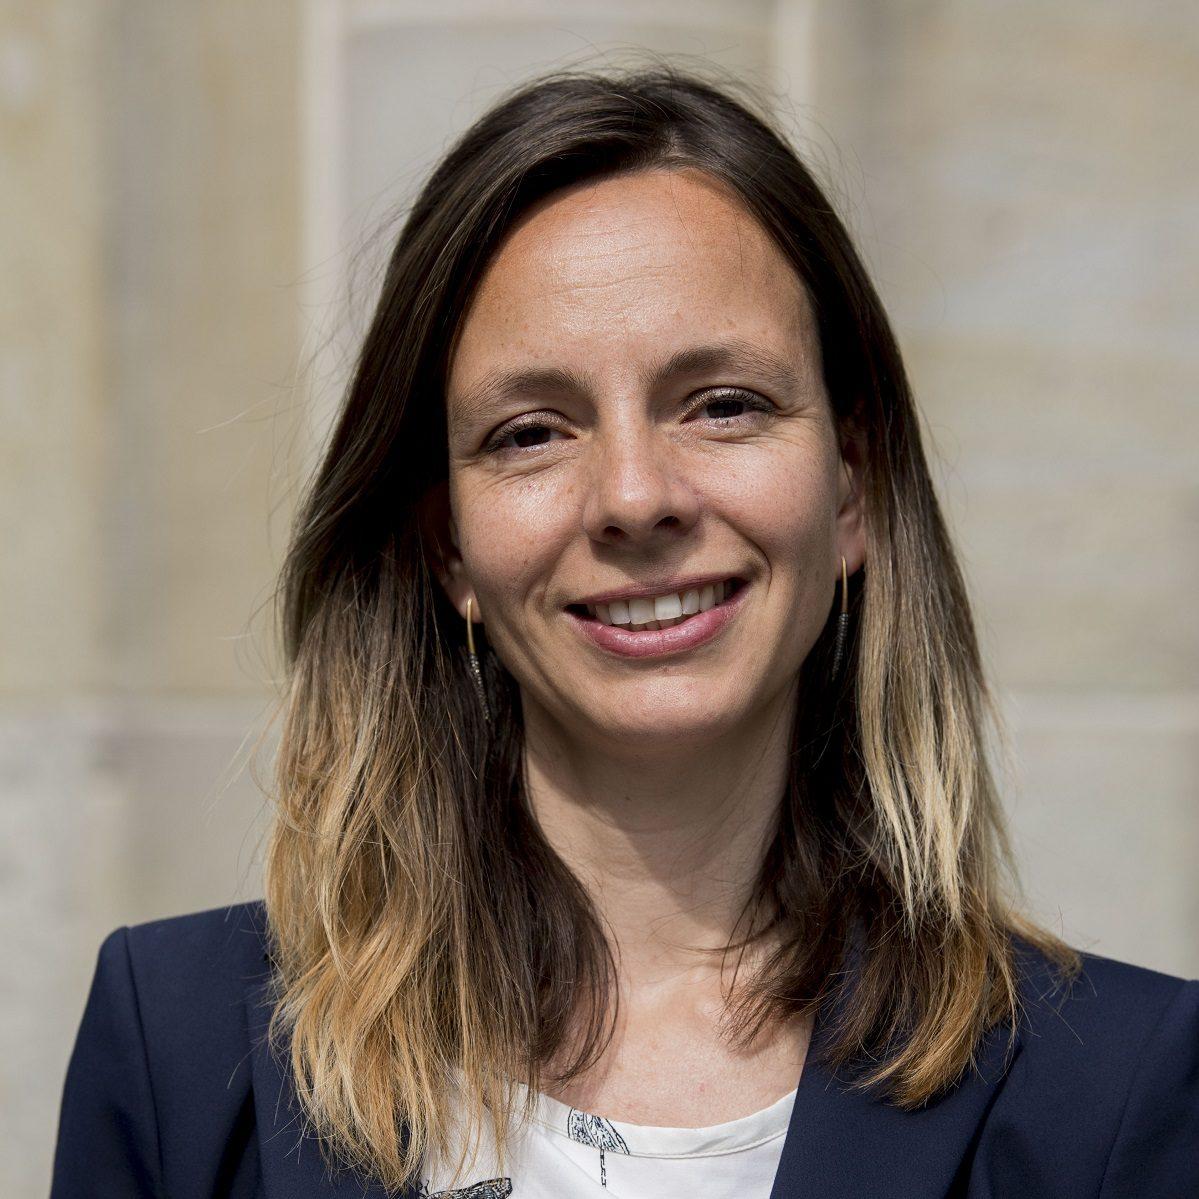 Portretfoto van Marlou van Cappellen, Officemanager van UDSRotterdam